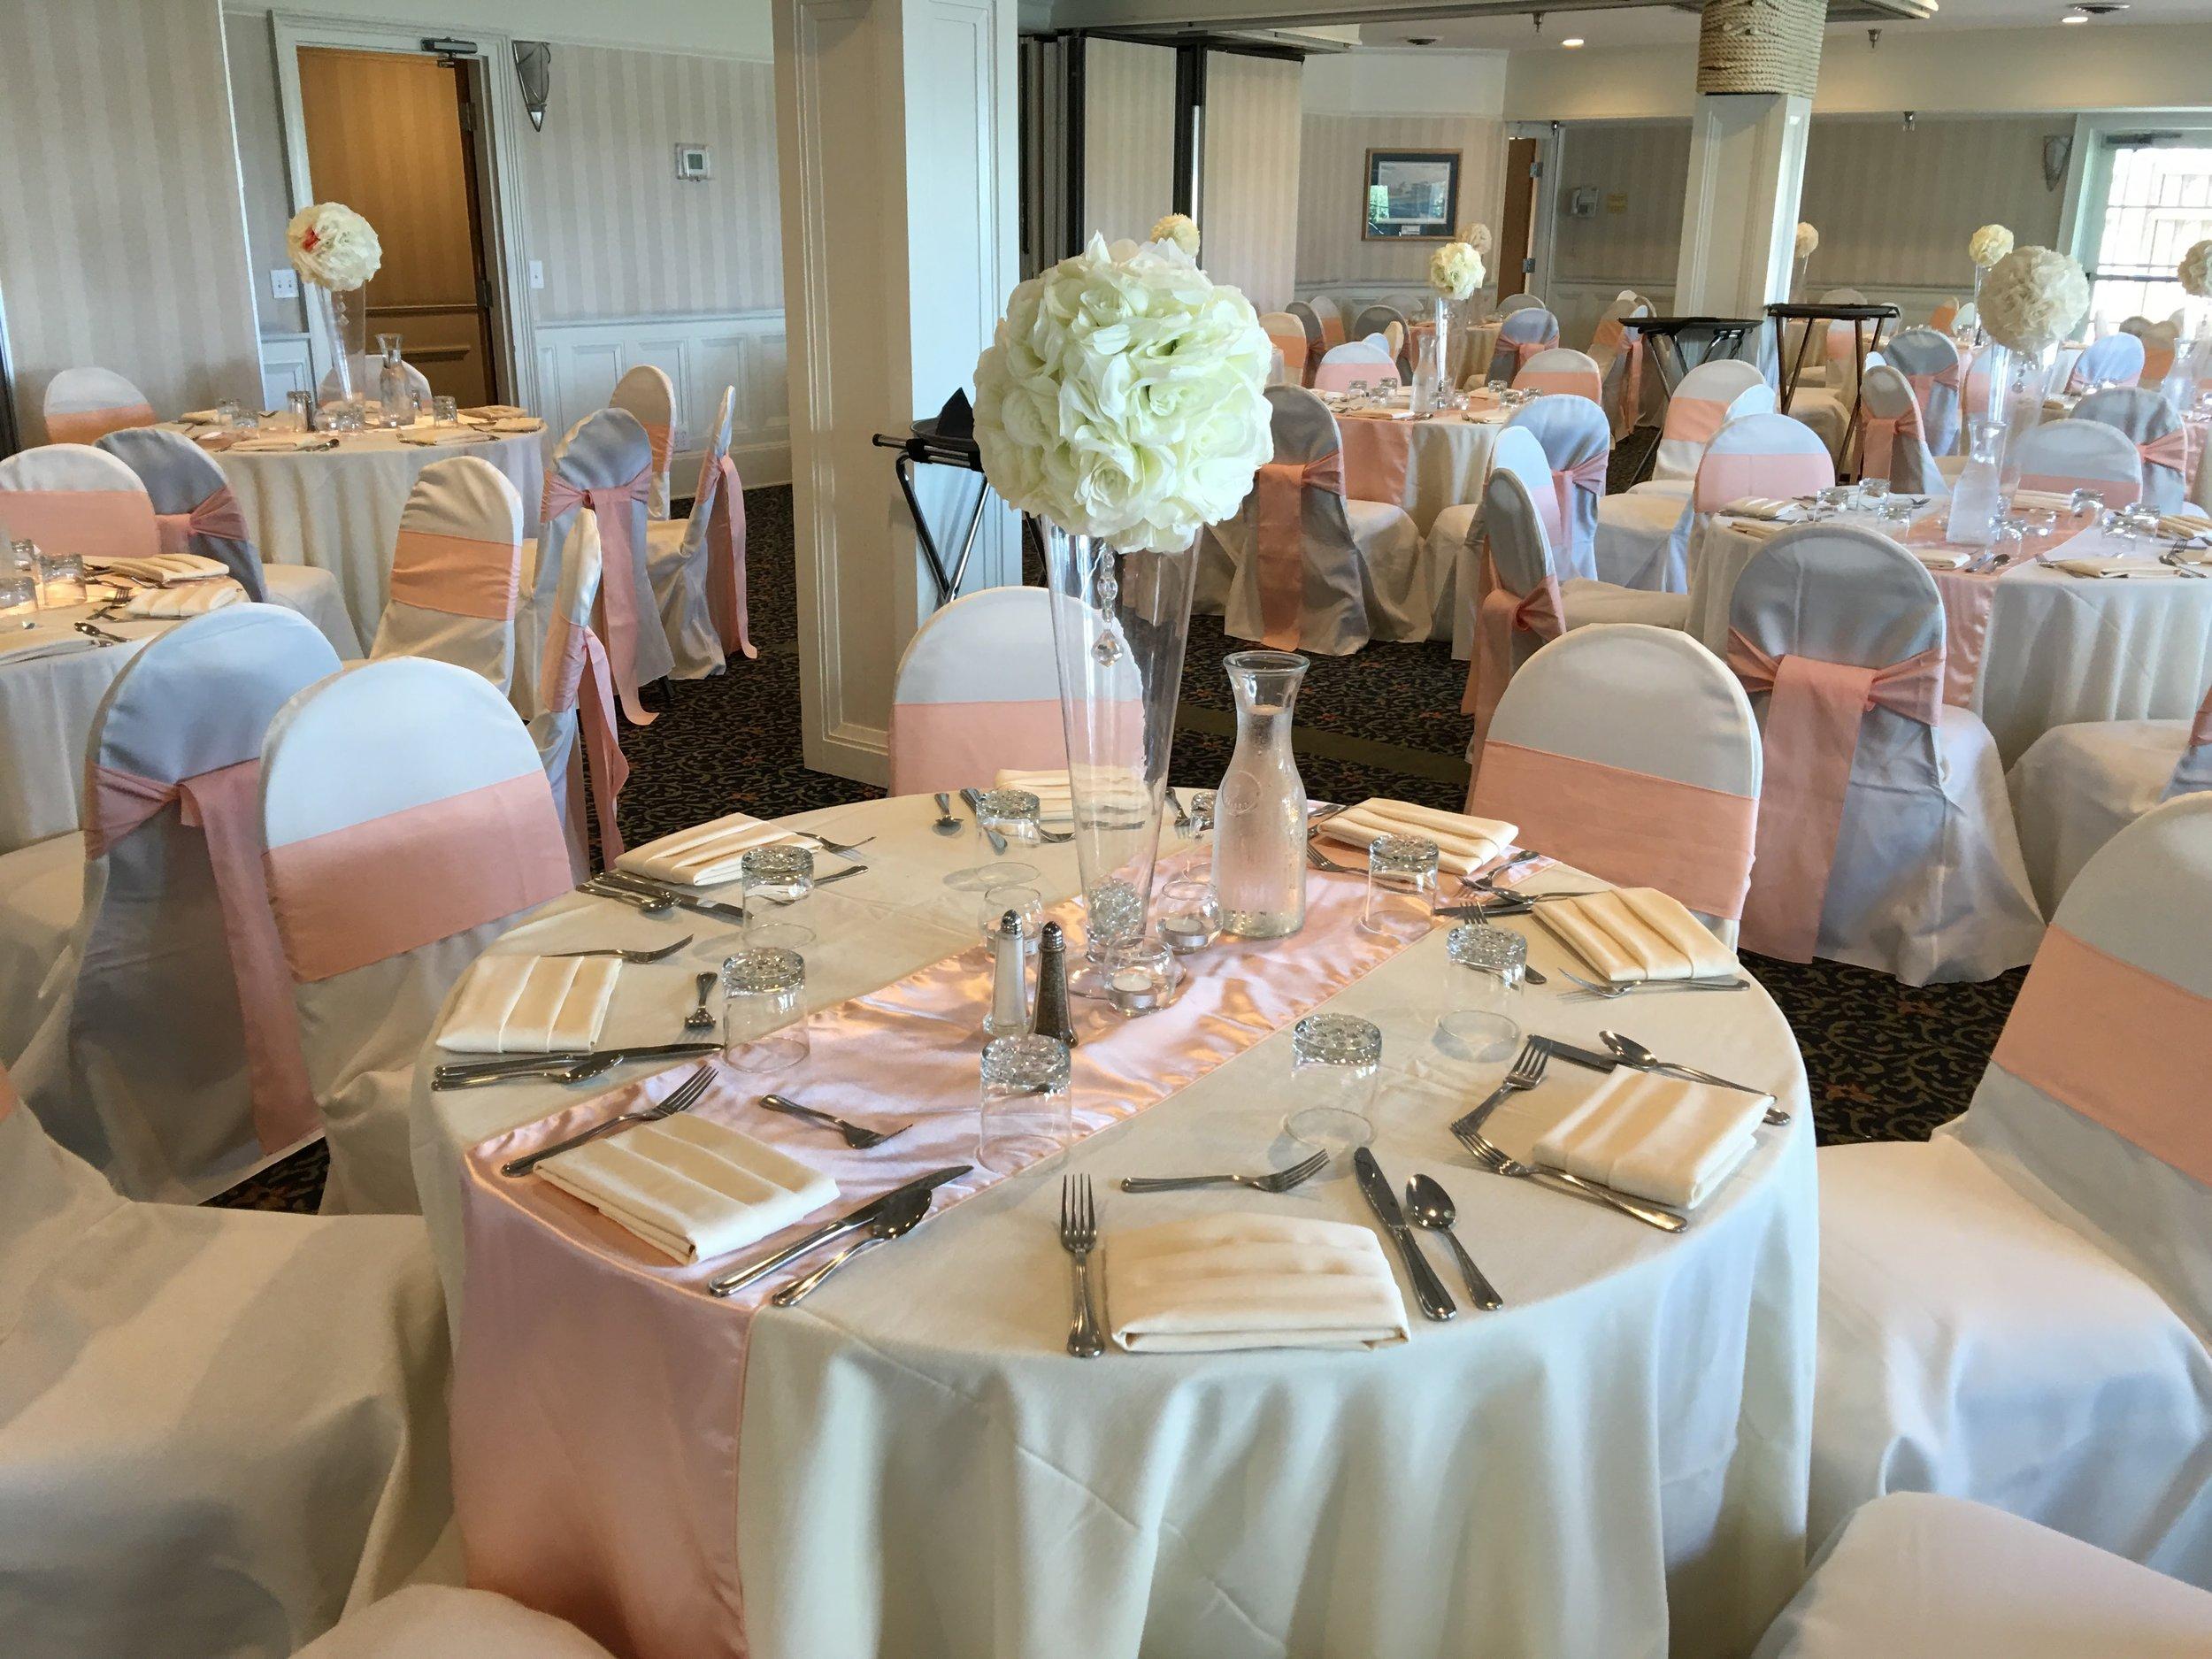 White Crisp Banquet Decor & Setup